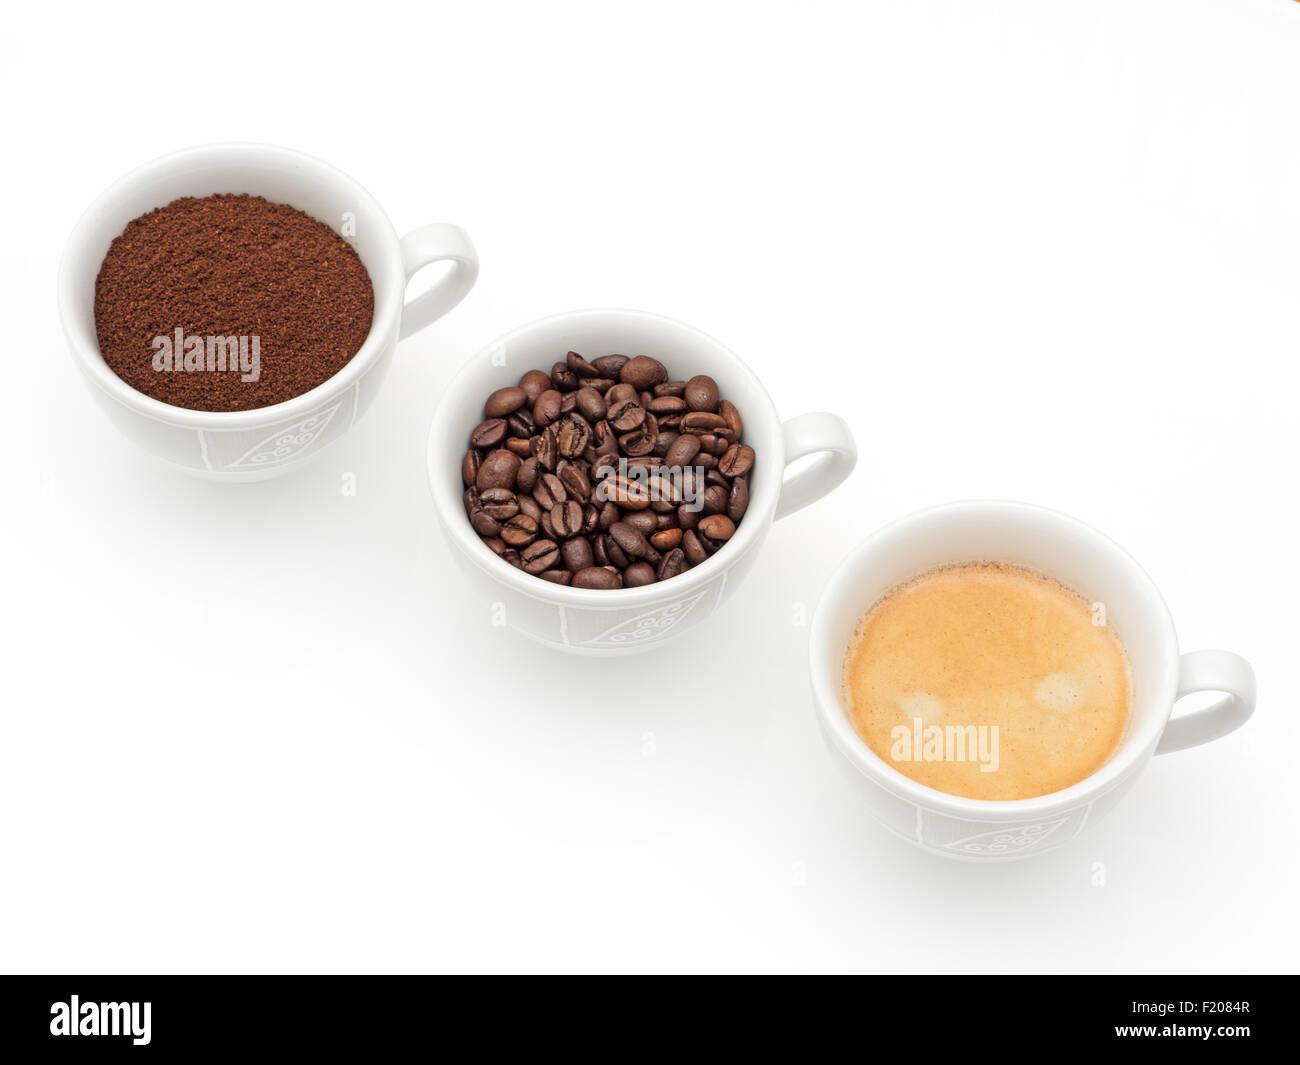 3 Tassen mit Kaffee - Stock Image